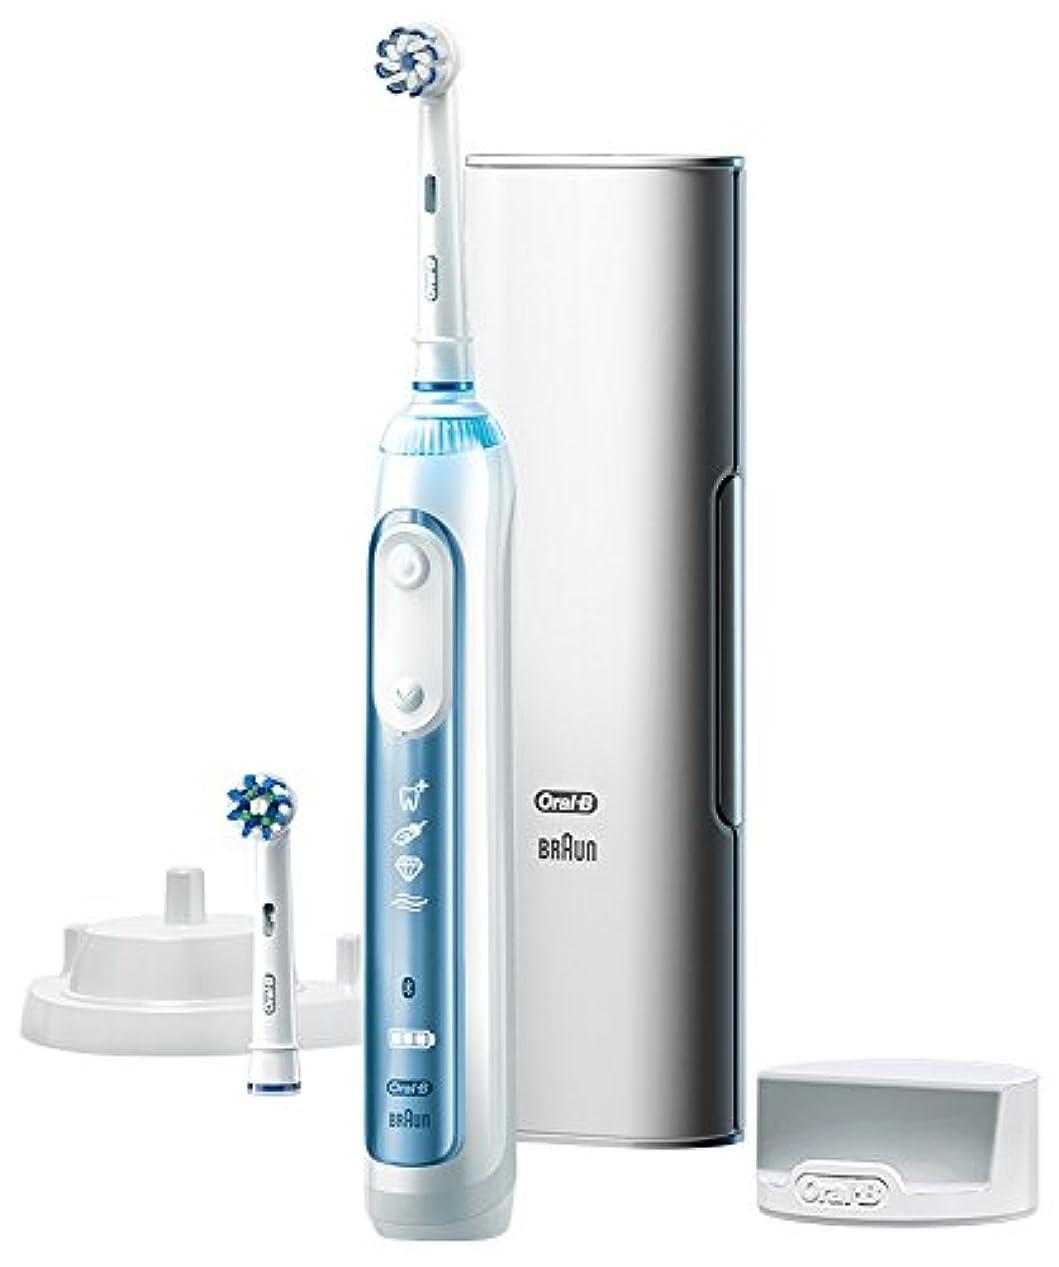 確執やむを得ない同様にブラウン オーラルB 電動歯ブラシ スマート7000 D7005245XP D7005245XP